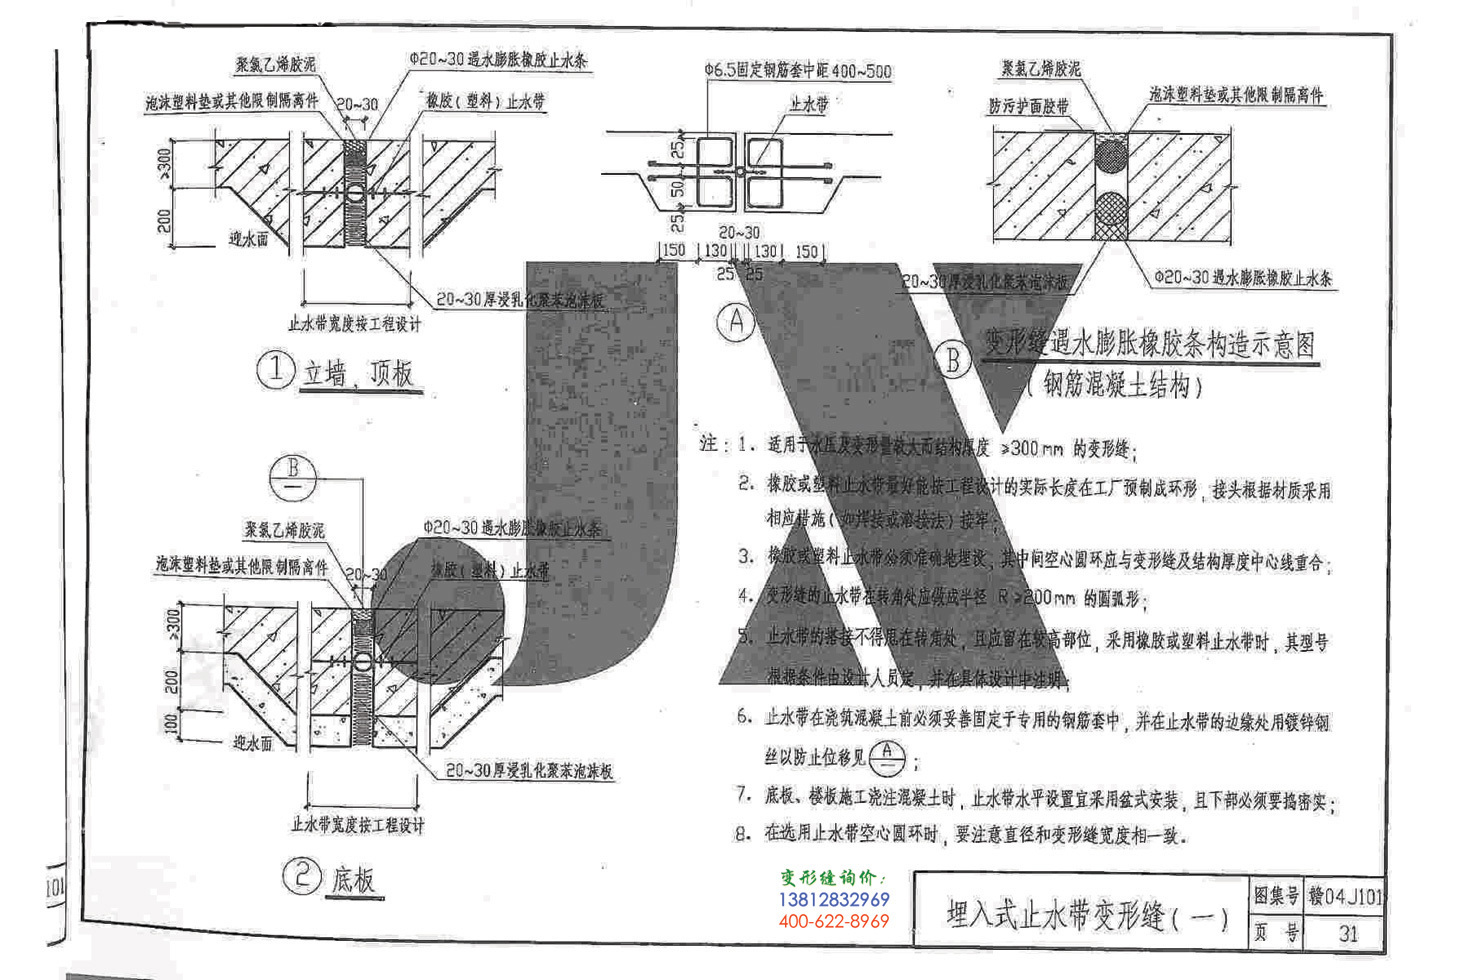 赣04J101变形缝图集第31页